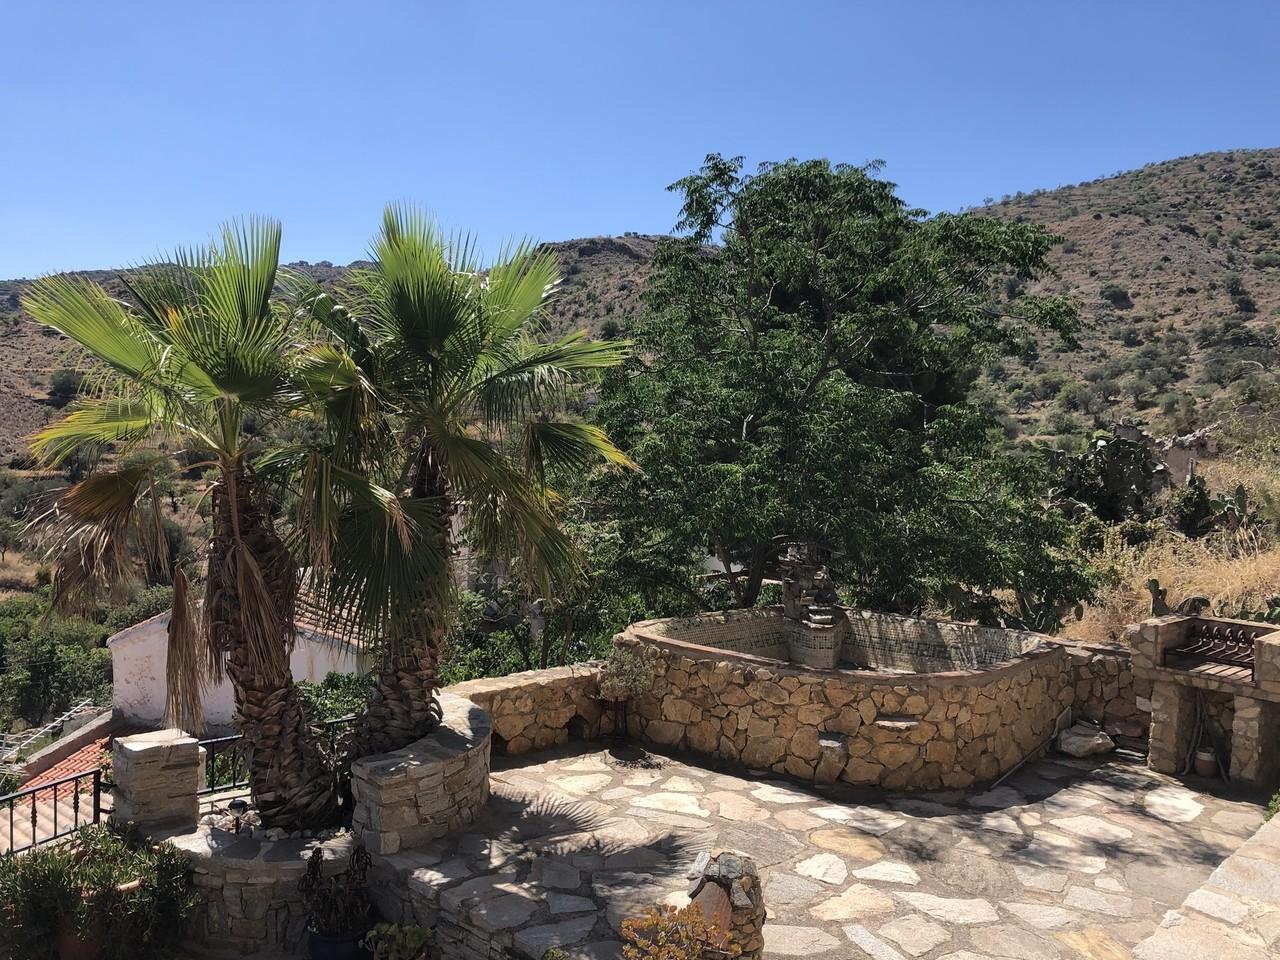 View of the cortijo, Lubrin, Almeria, Spain